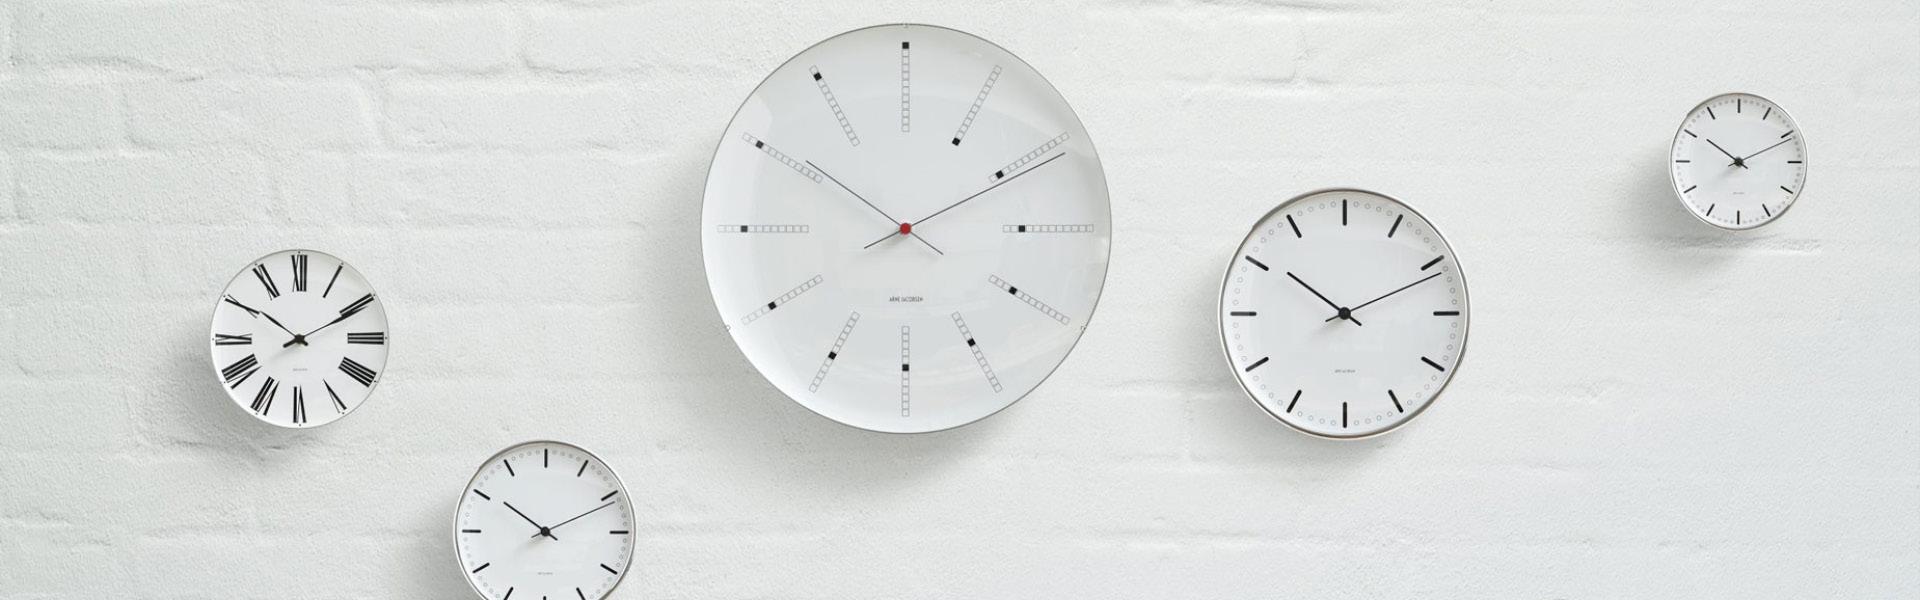 Arne-Jacobsen-klokker-01.jpg